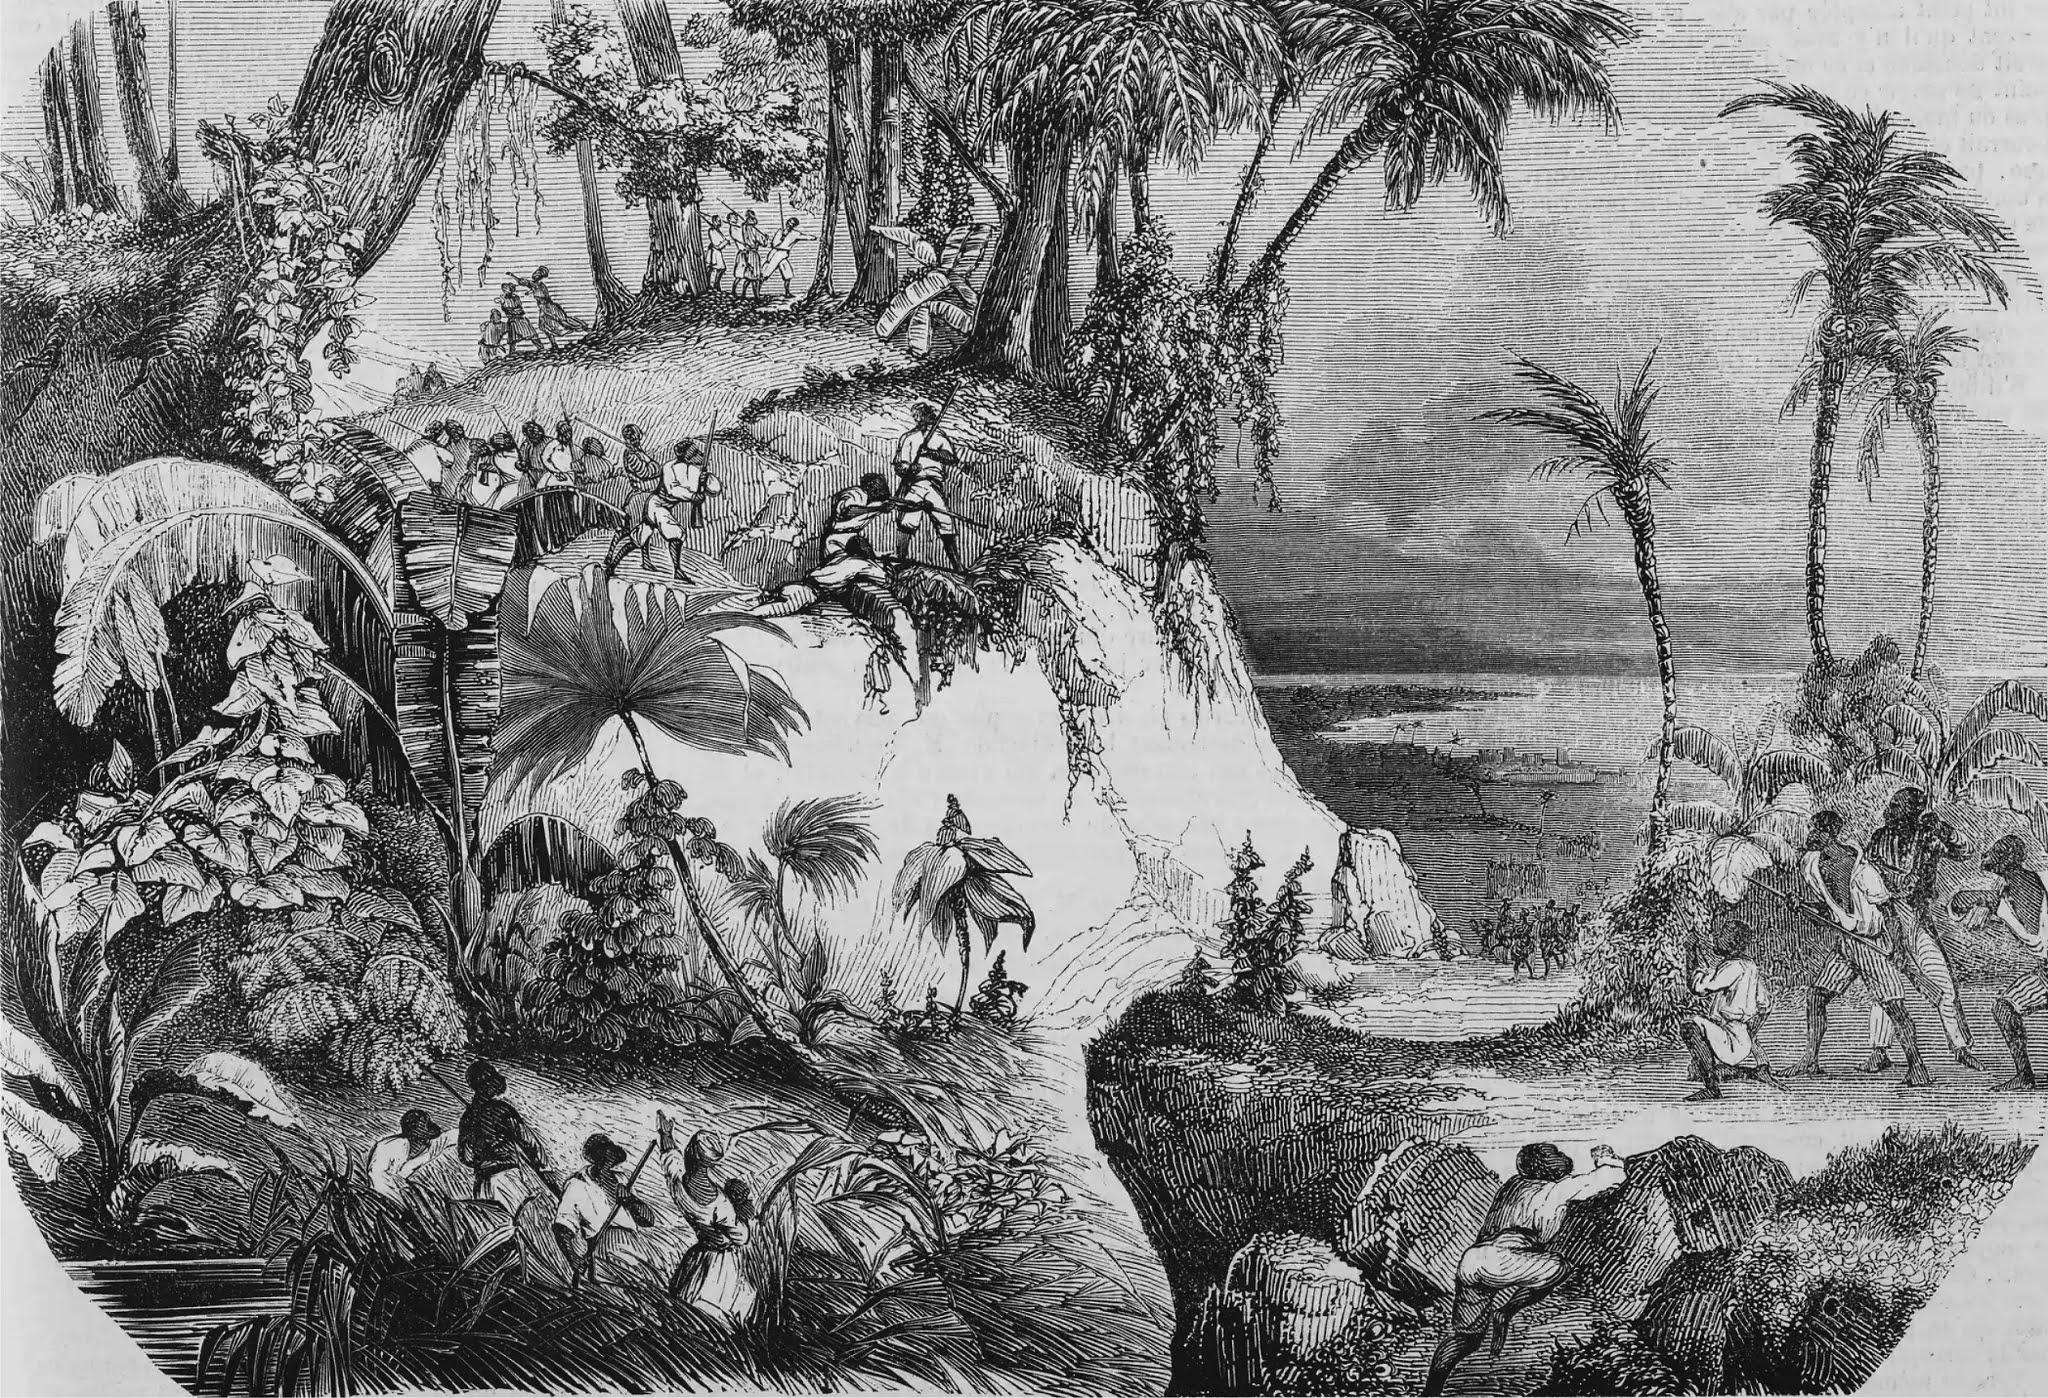 Haití y su aporte a la independencia latinoamericana Por Edgar P. Galo